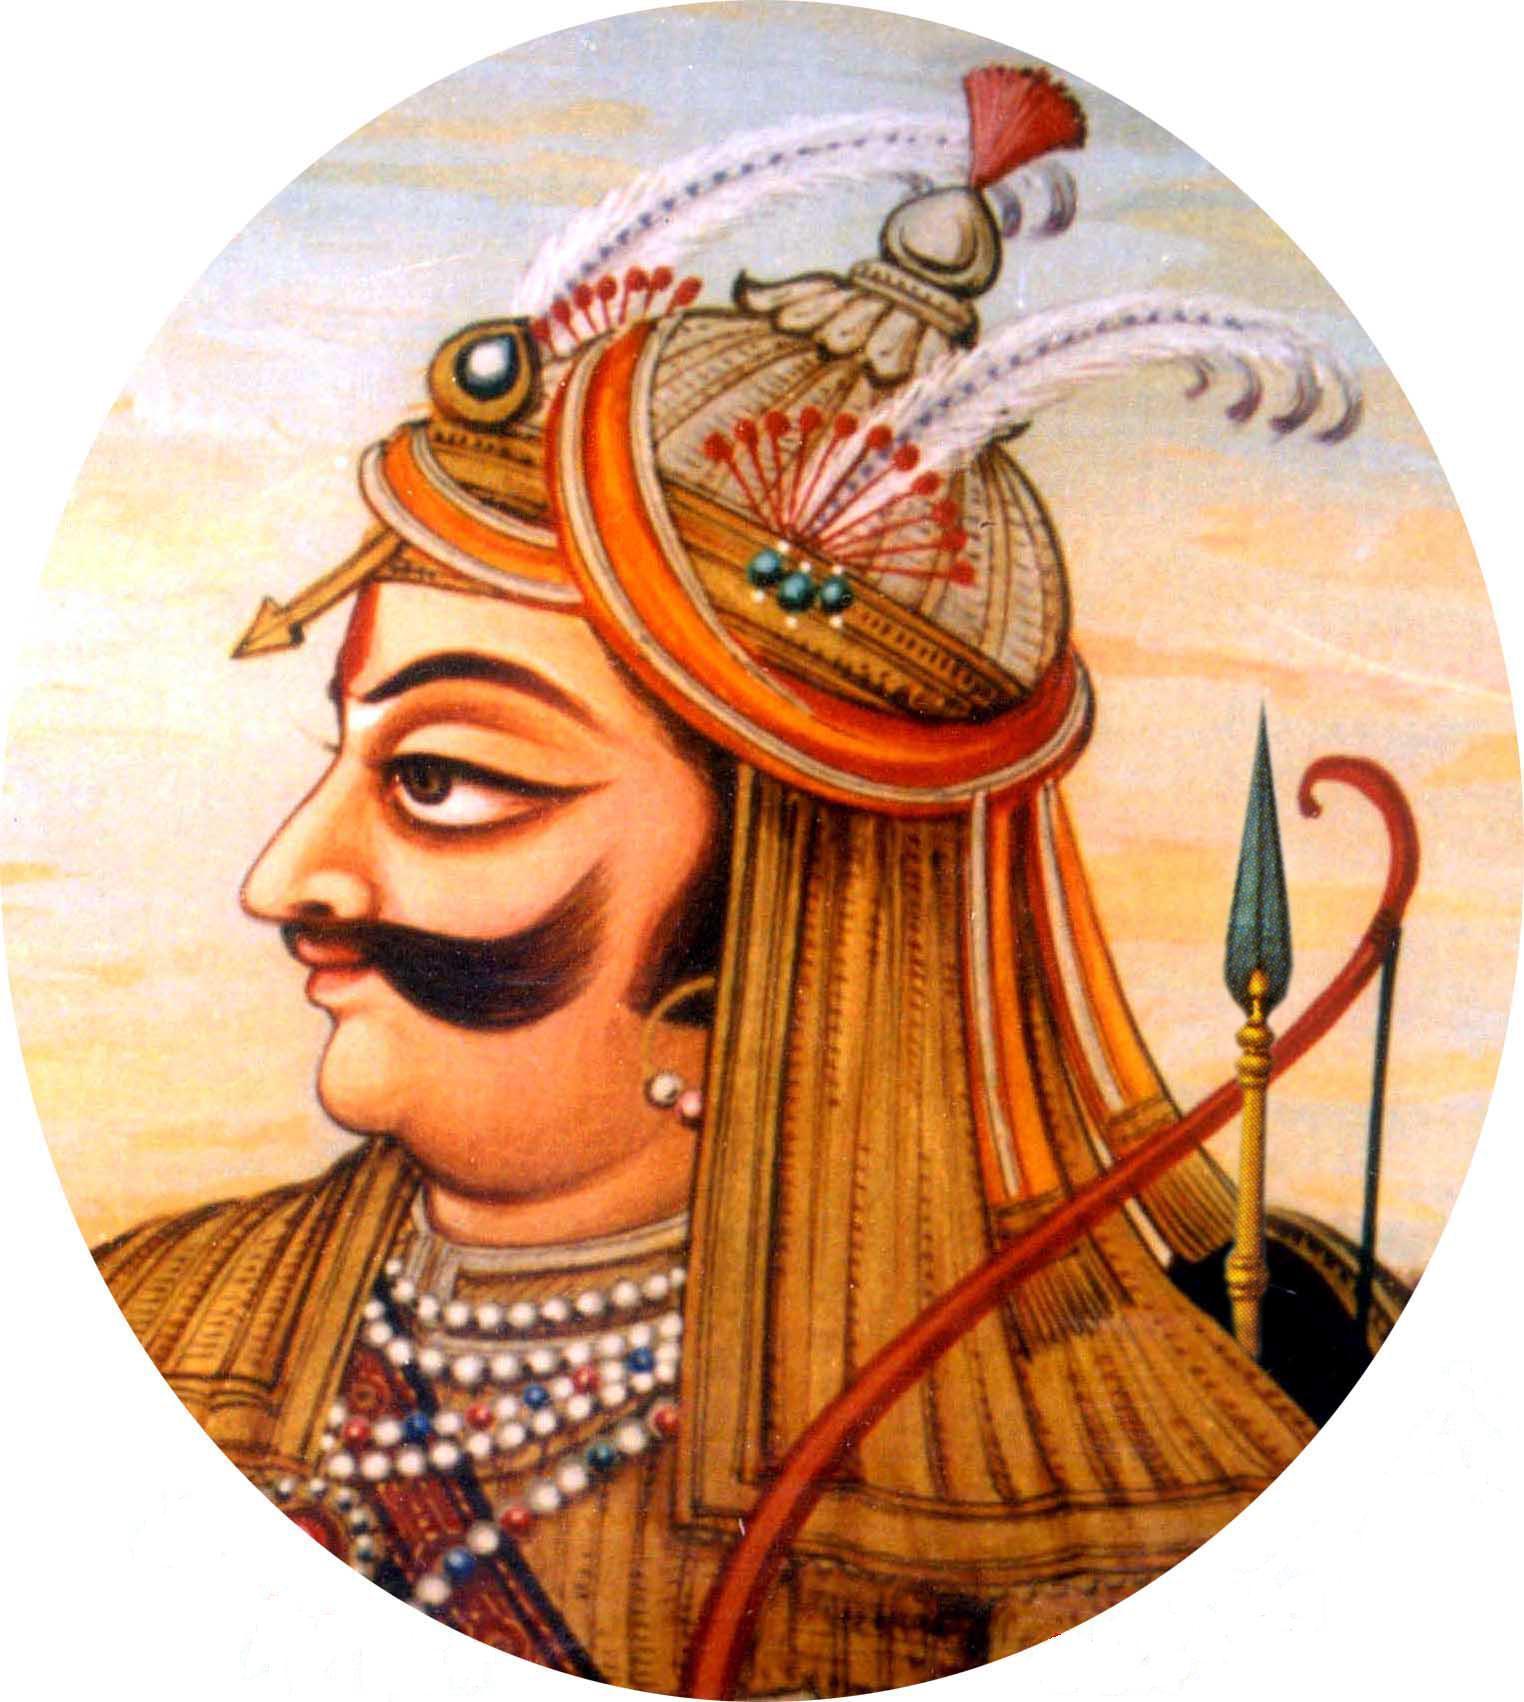 Maharana Pratap Jayanti 2020 Images HD Photos Wallpapers |Maharana Pratap Wallpaper